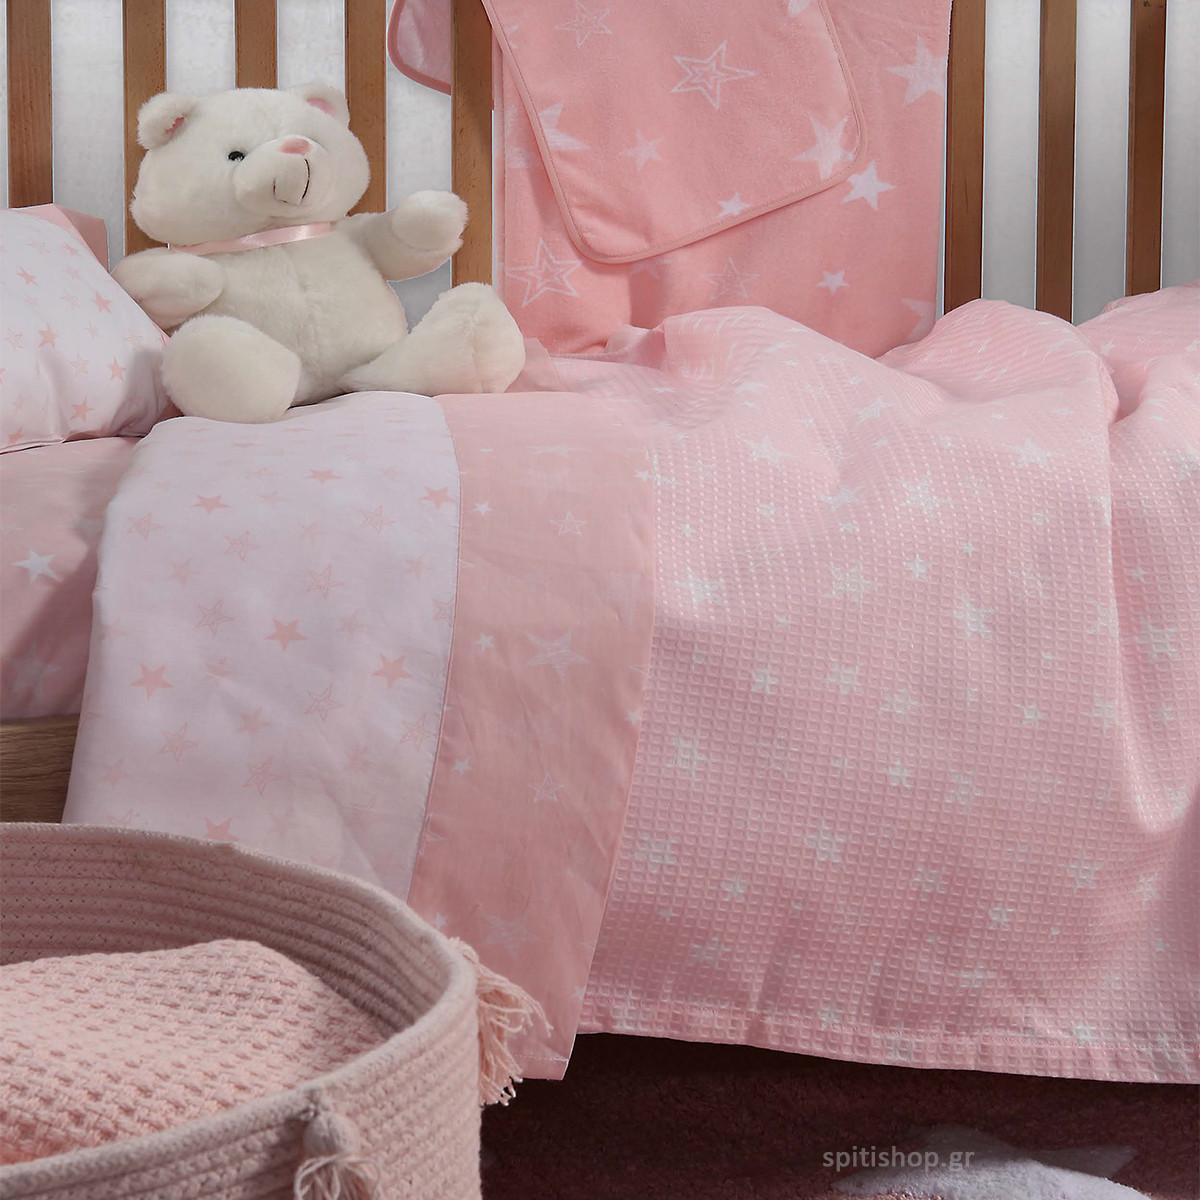 Κουβερτόριο Κούνιας Nef-Nef Moon Pink home   βρεφικά   κουβέρτες βρεφικές   κουβέρτες καλοκαιρινές